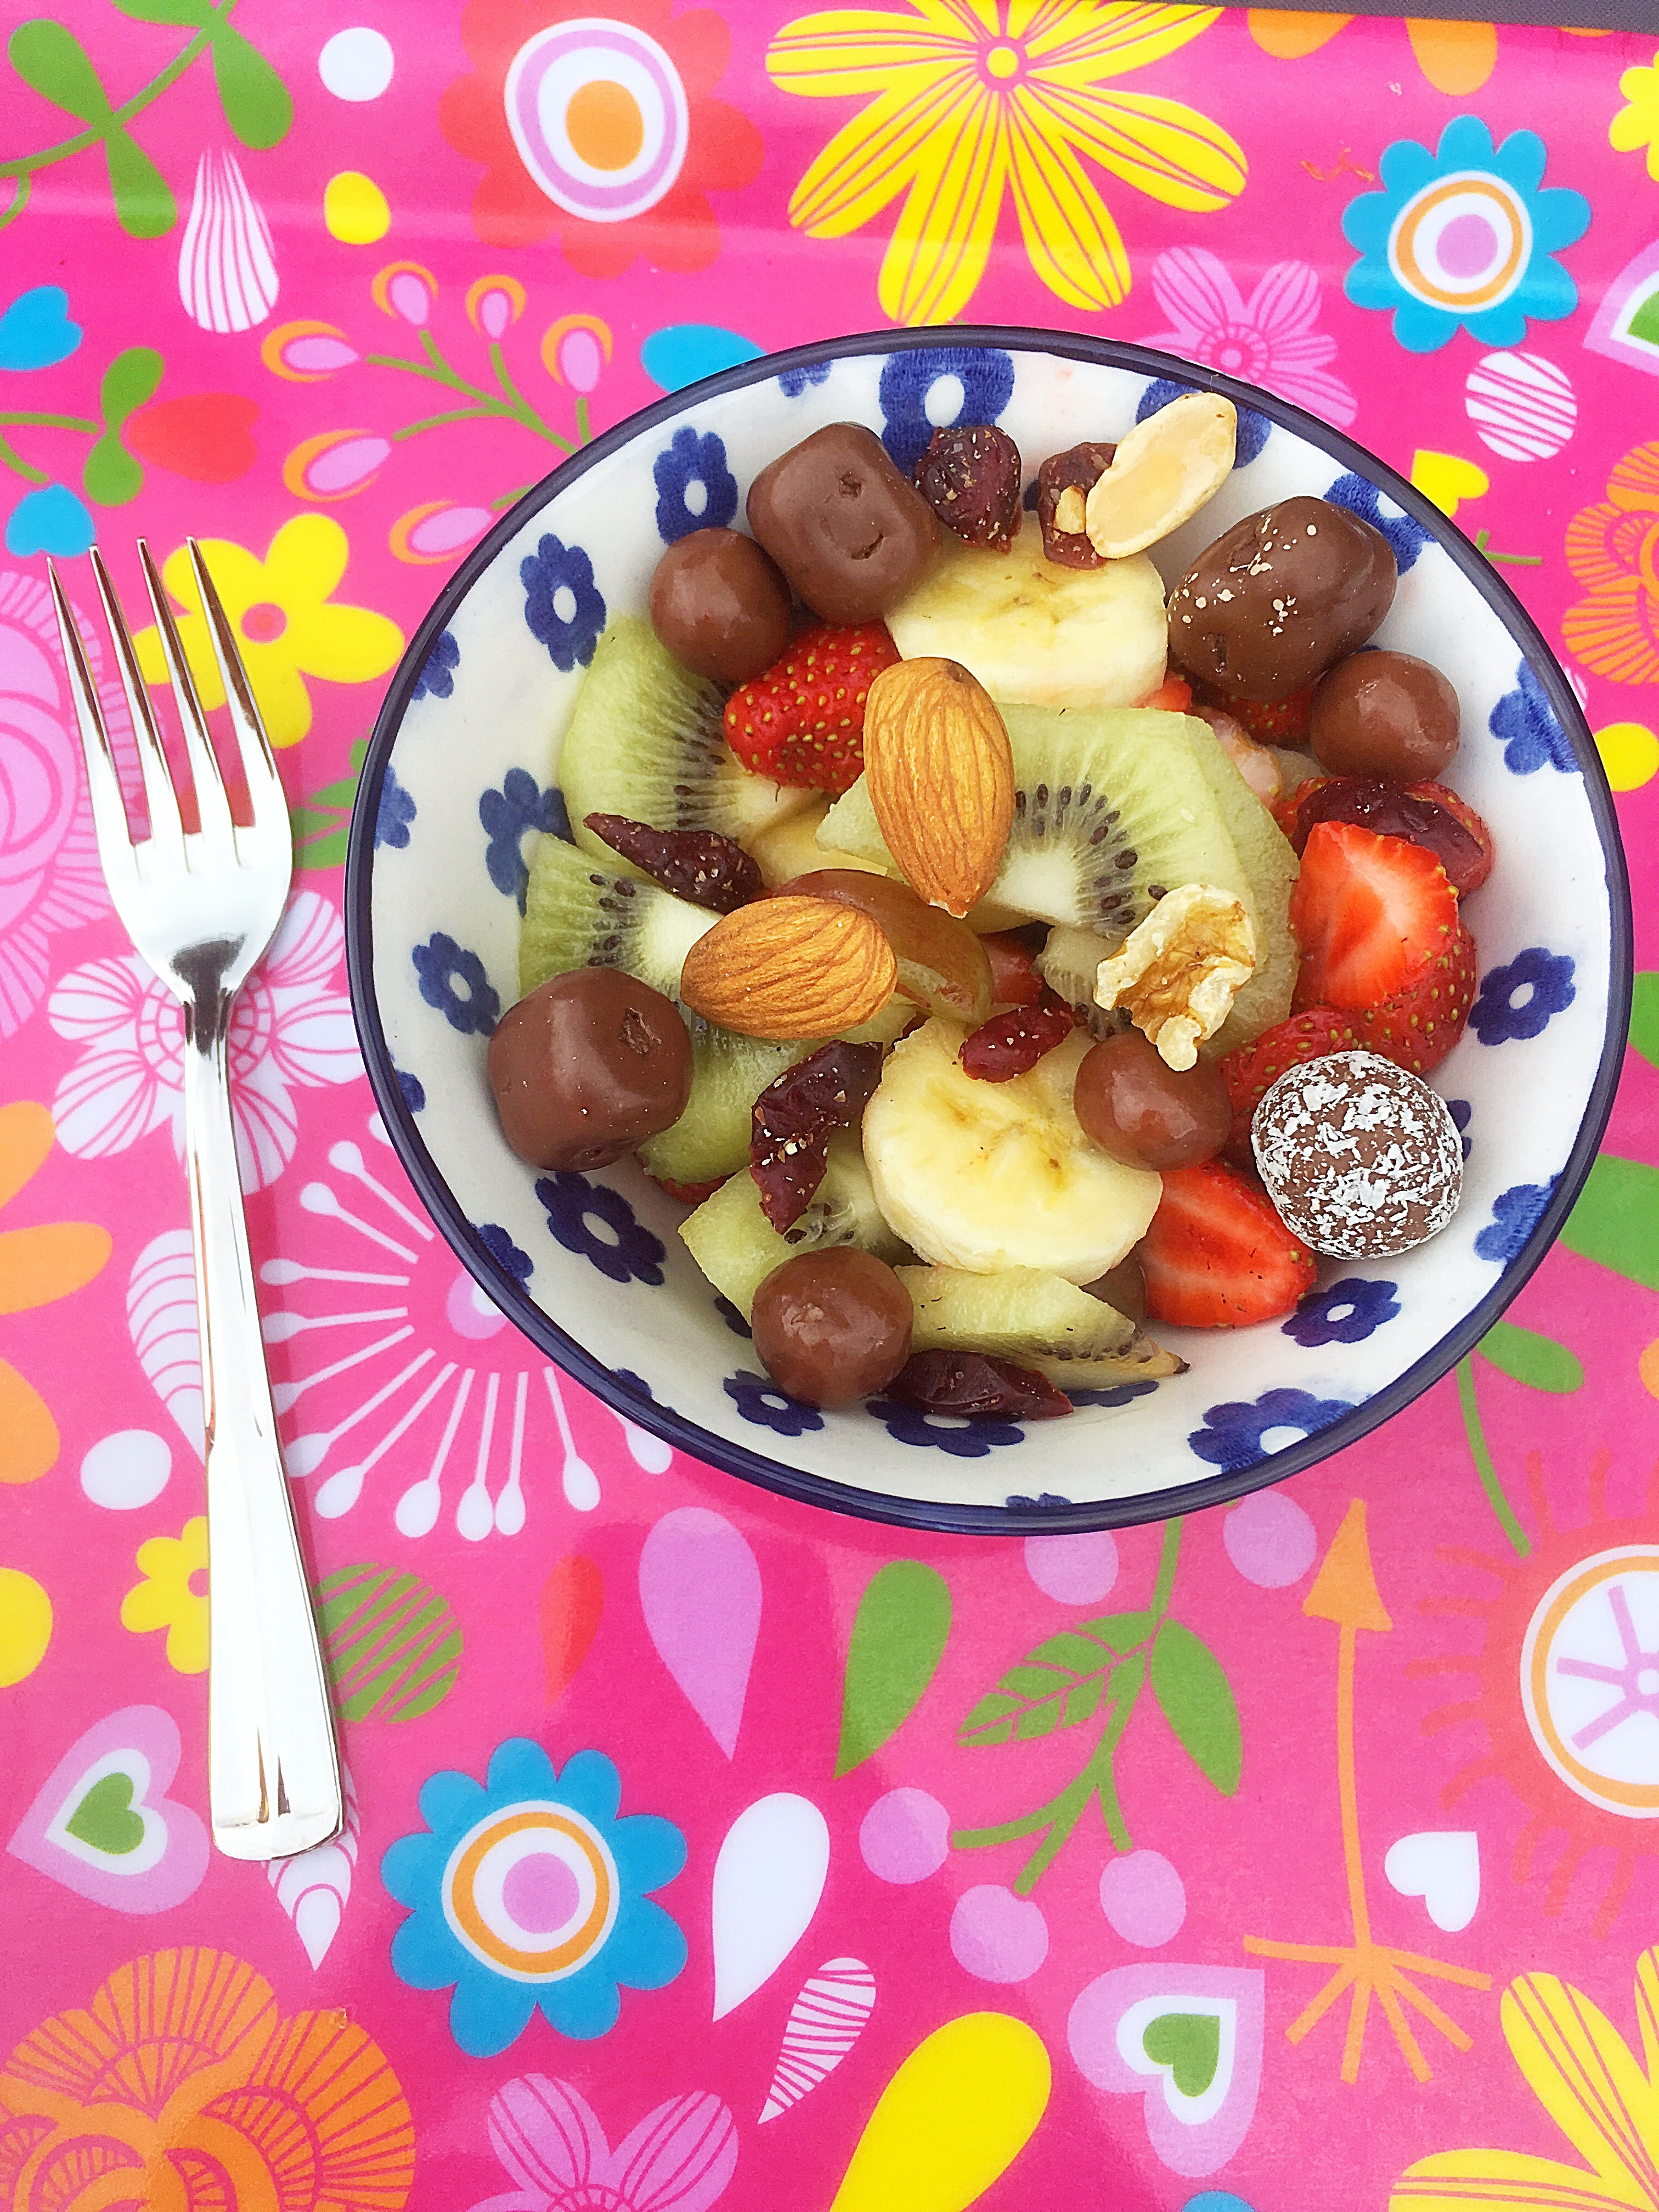 ❤️ Frisse en gezonde fruitsnack – Pefect voor de zomer!